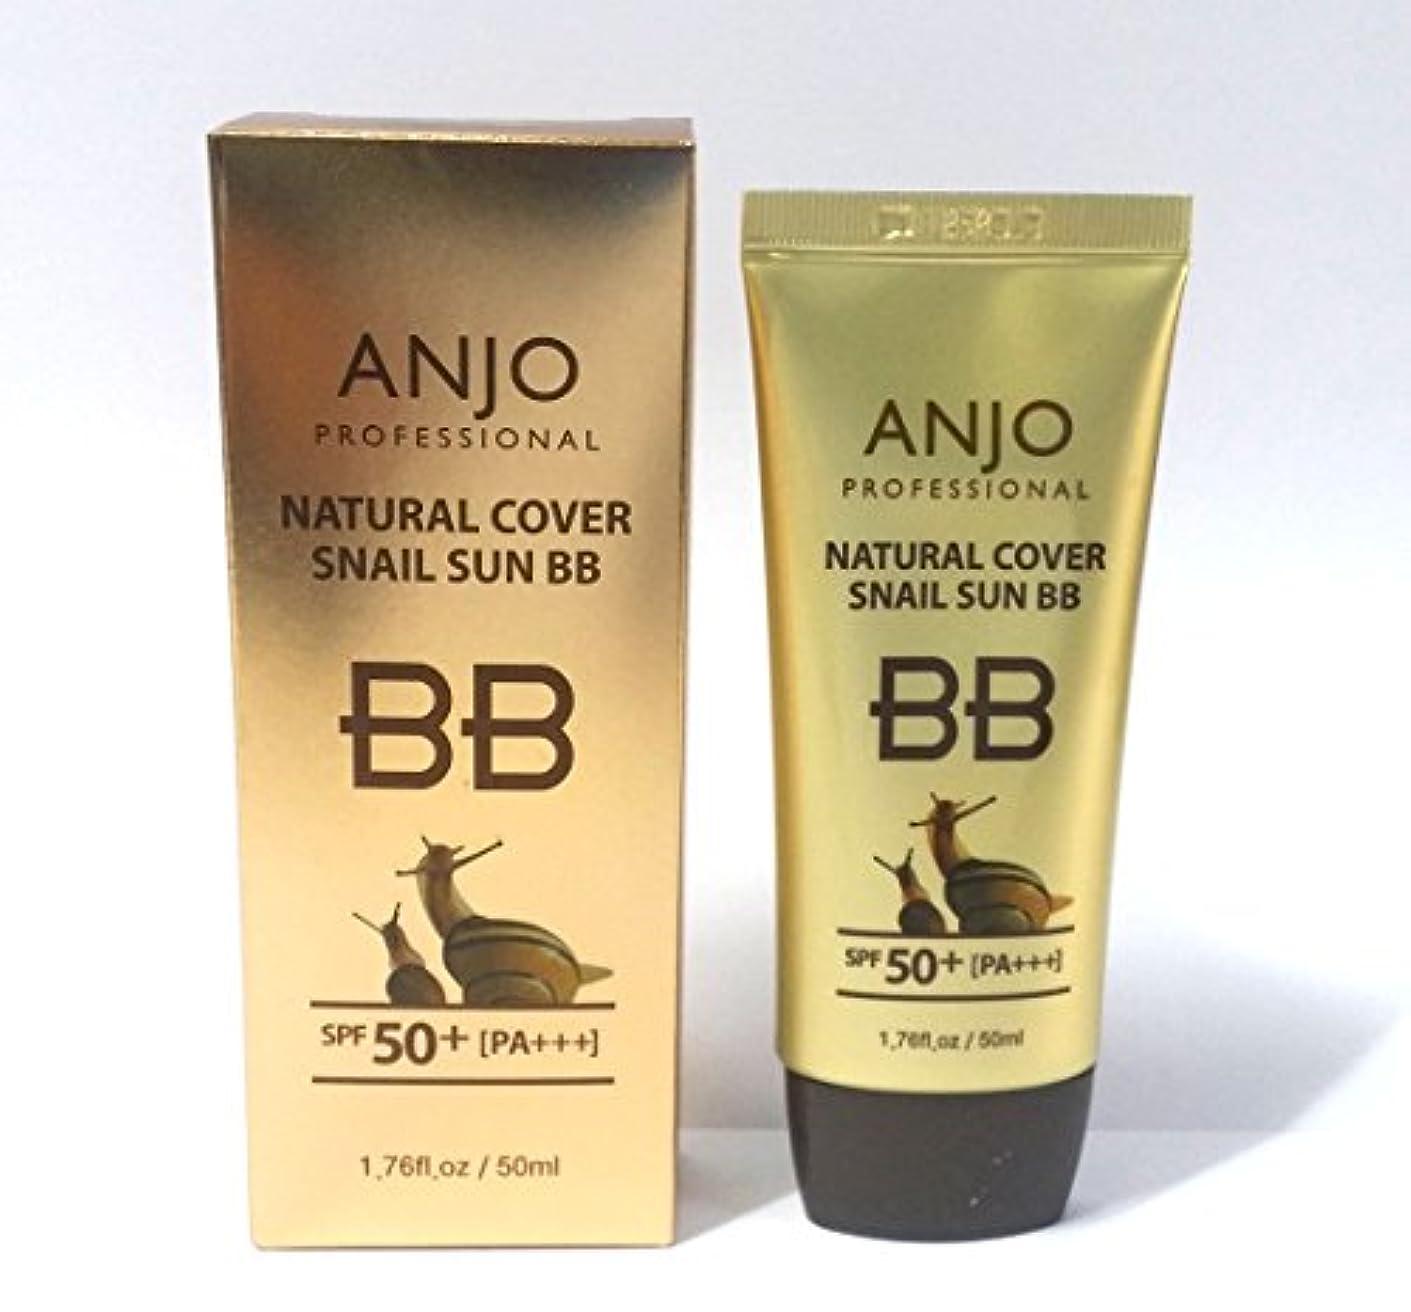 ラジエーターキネマティクスシャープ[ANJO] ナチュラルカバーカタツムリサンBBクリームSPF 50 + PA +++ 50ml X 3EA /メイクアップベース/カタツムリ粘液 / Natural Cover Snail Sun BB Cream SPF...